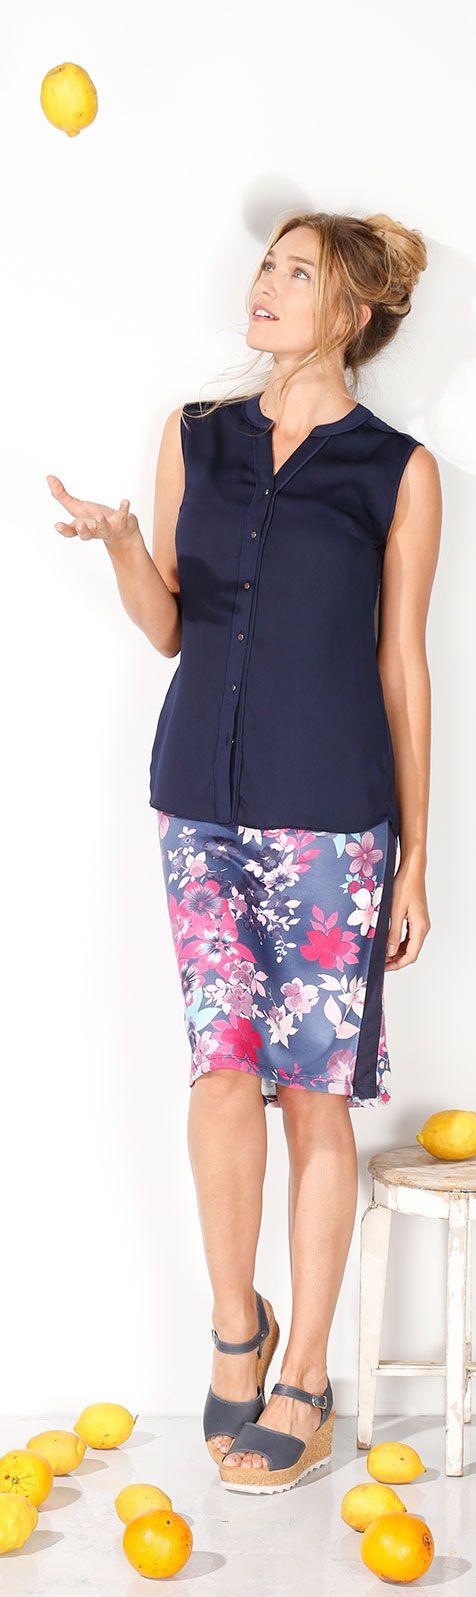 Sauer macht lustig! Sorgen Sie mit diesem sommerlichen Outfit für gute Laune. Der fließende Sweat-Rock mit Blumenmuster sieht zu den Wedges-Sandalen einfach toll aus – egal, ob in der Freizeit oder im Büro. #Mode